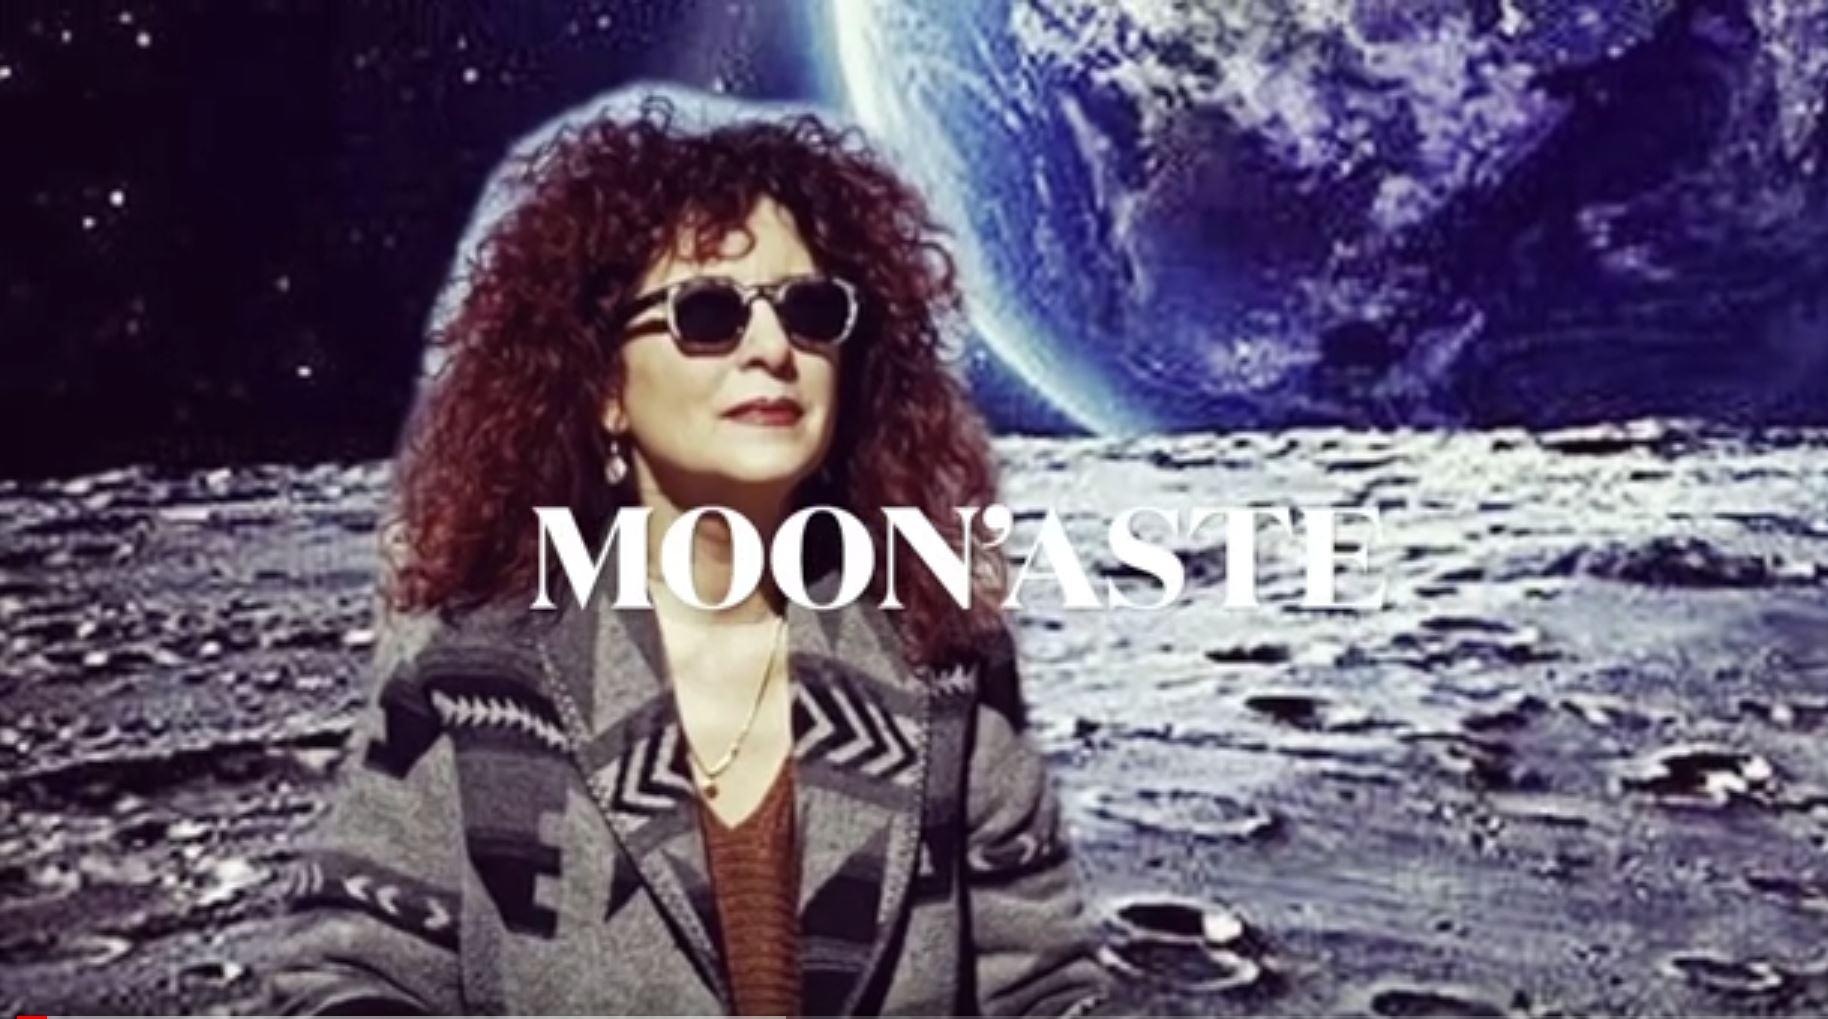 Moon'aste